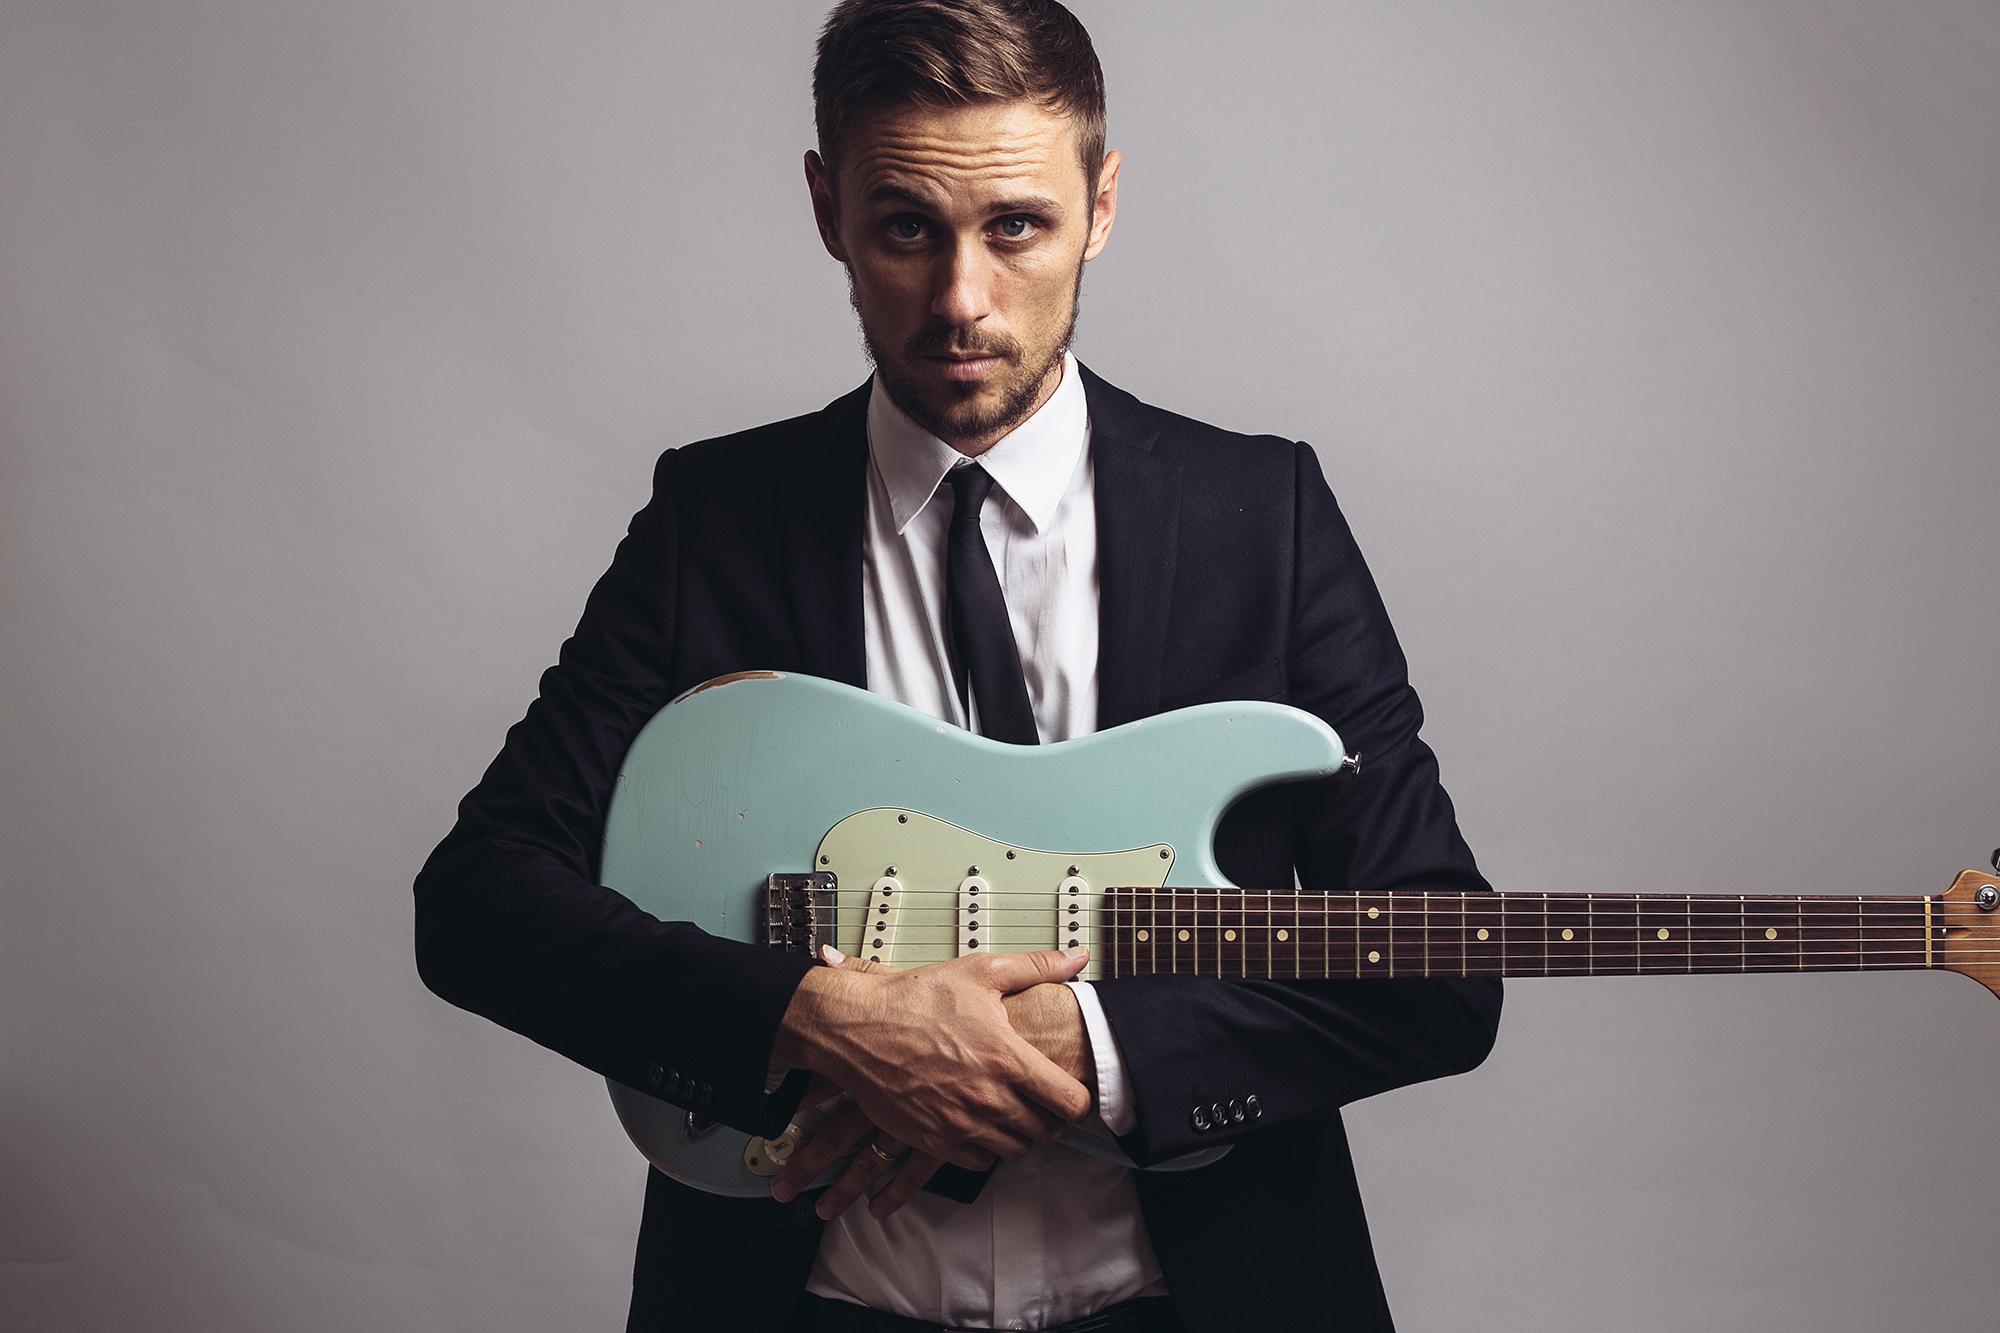 euan-guitar-web.jpg